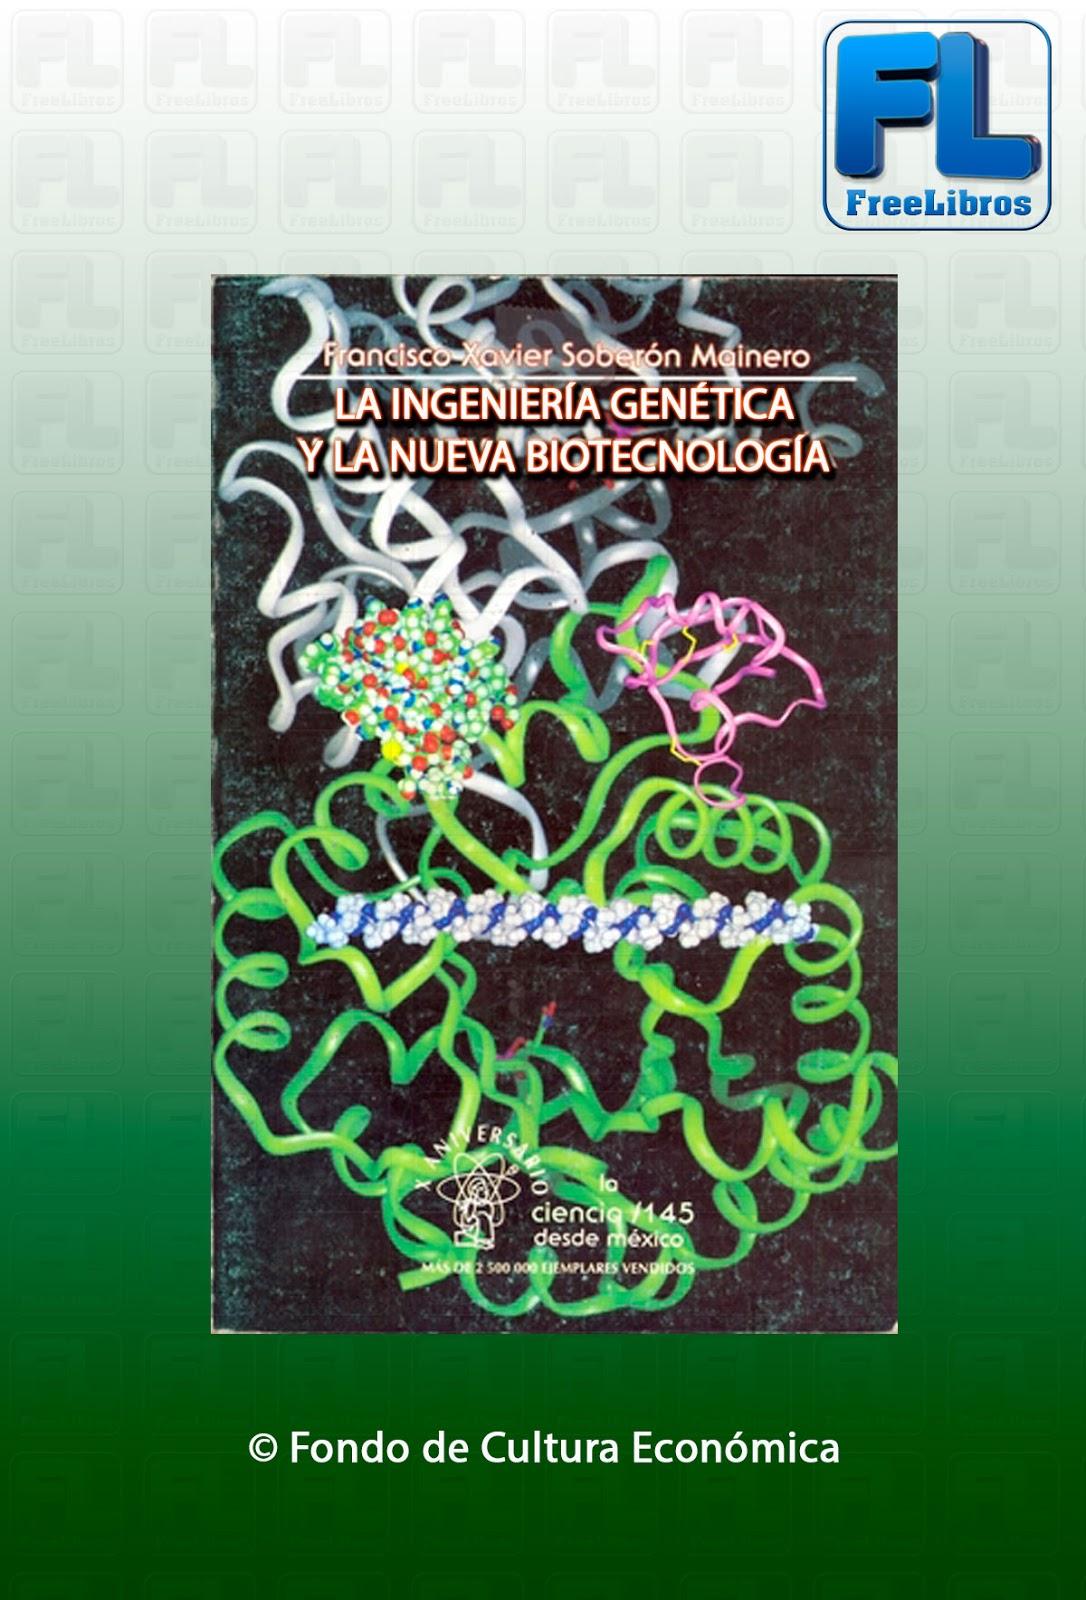 La ingeniería genética y la nueva biotecnología – Francisco Xavier Soberón Mainero